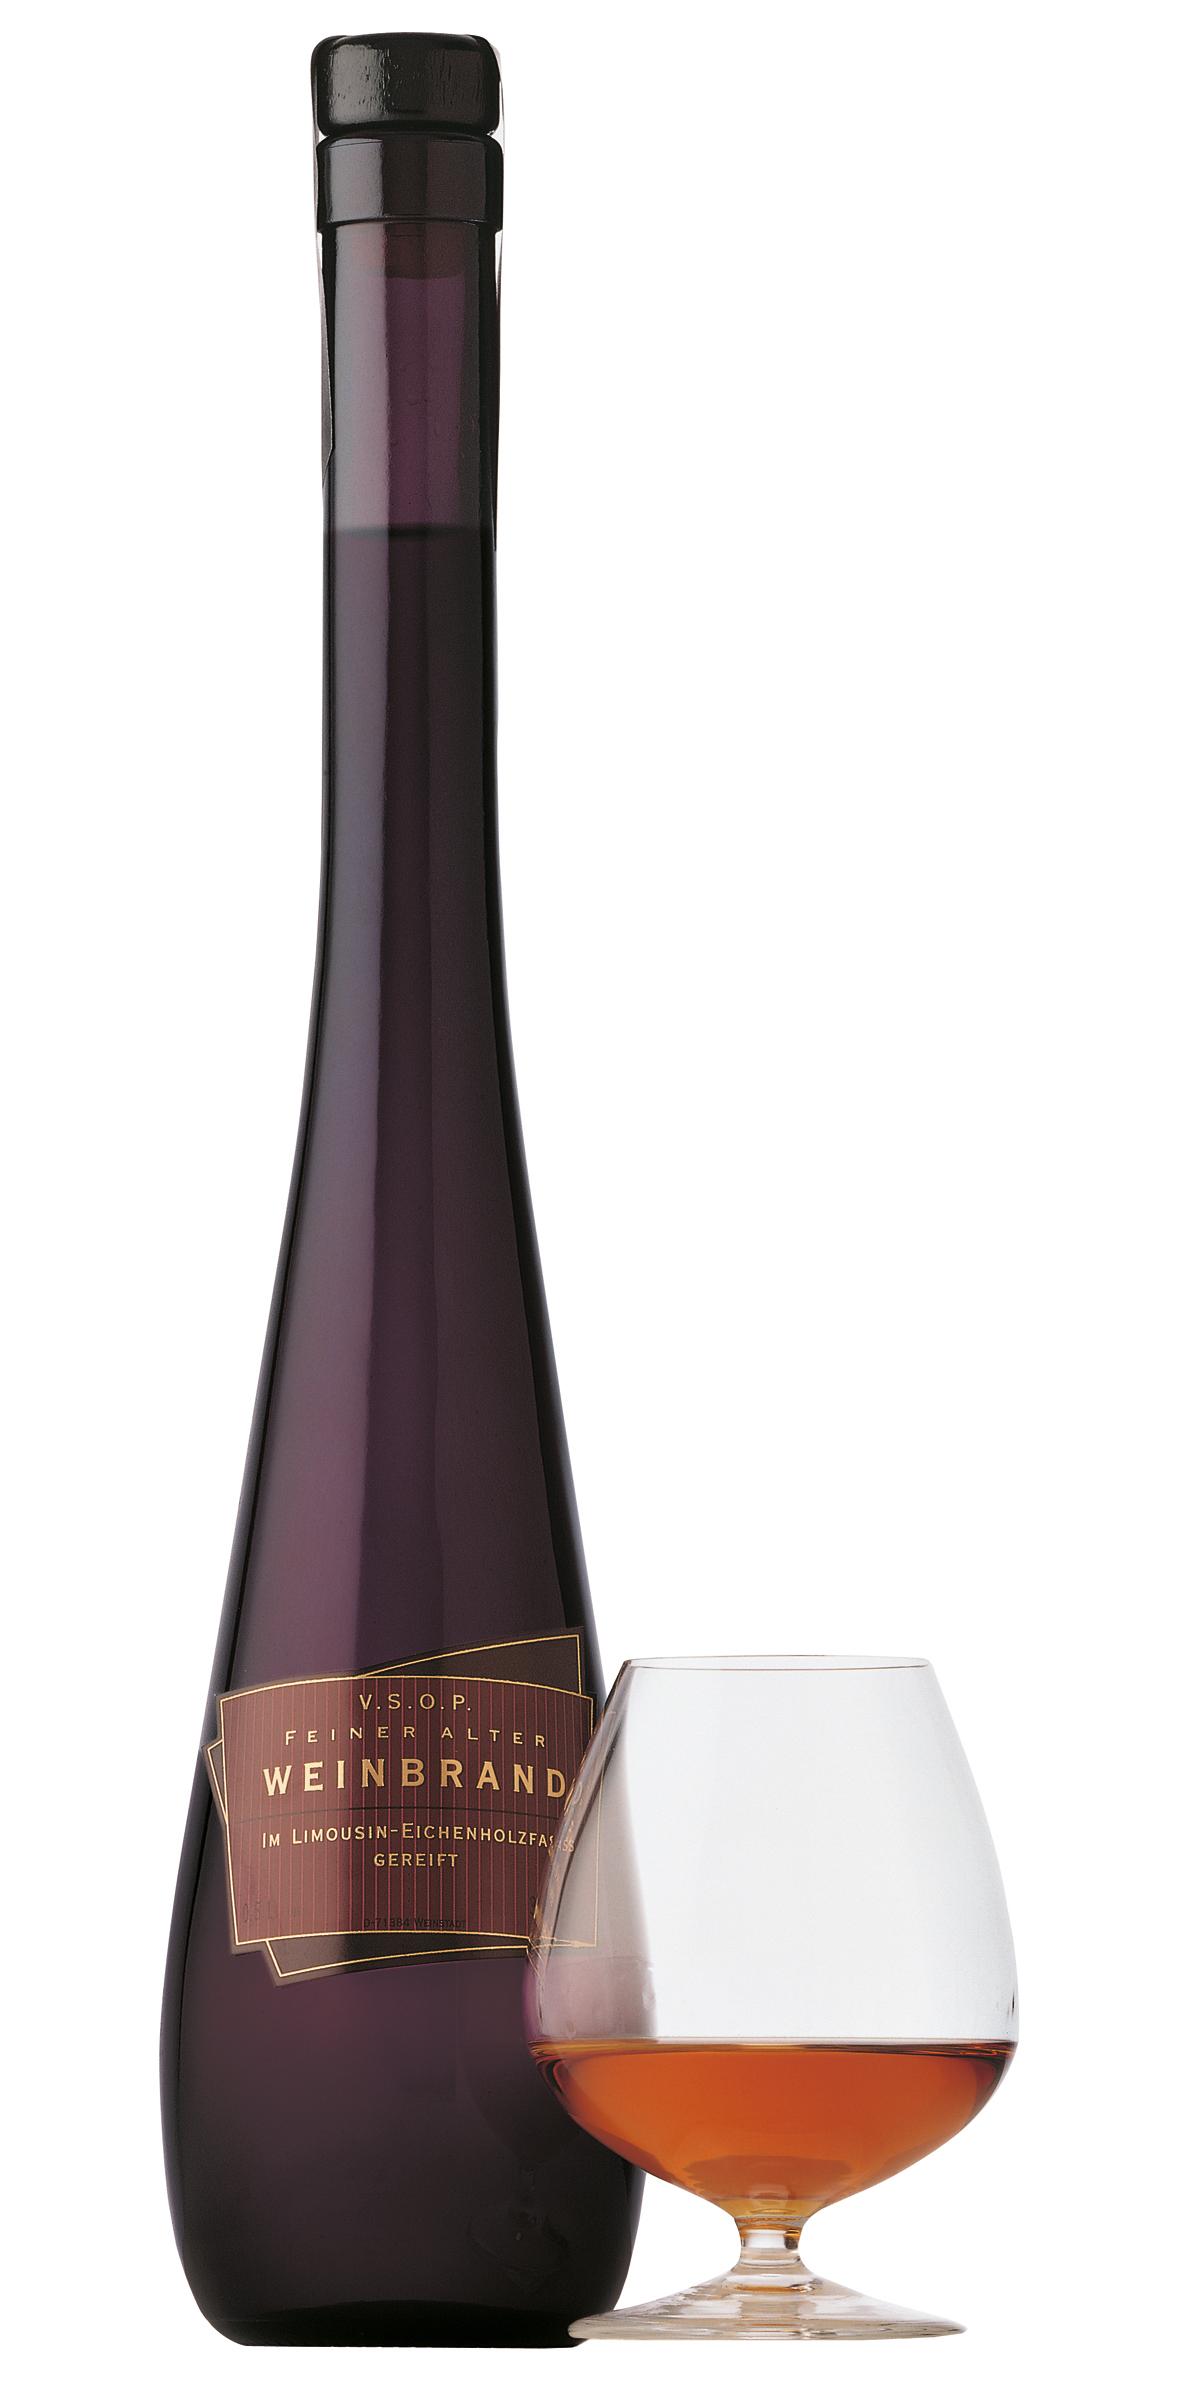 Feiner alter Weinbrand V.S.O.P.